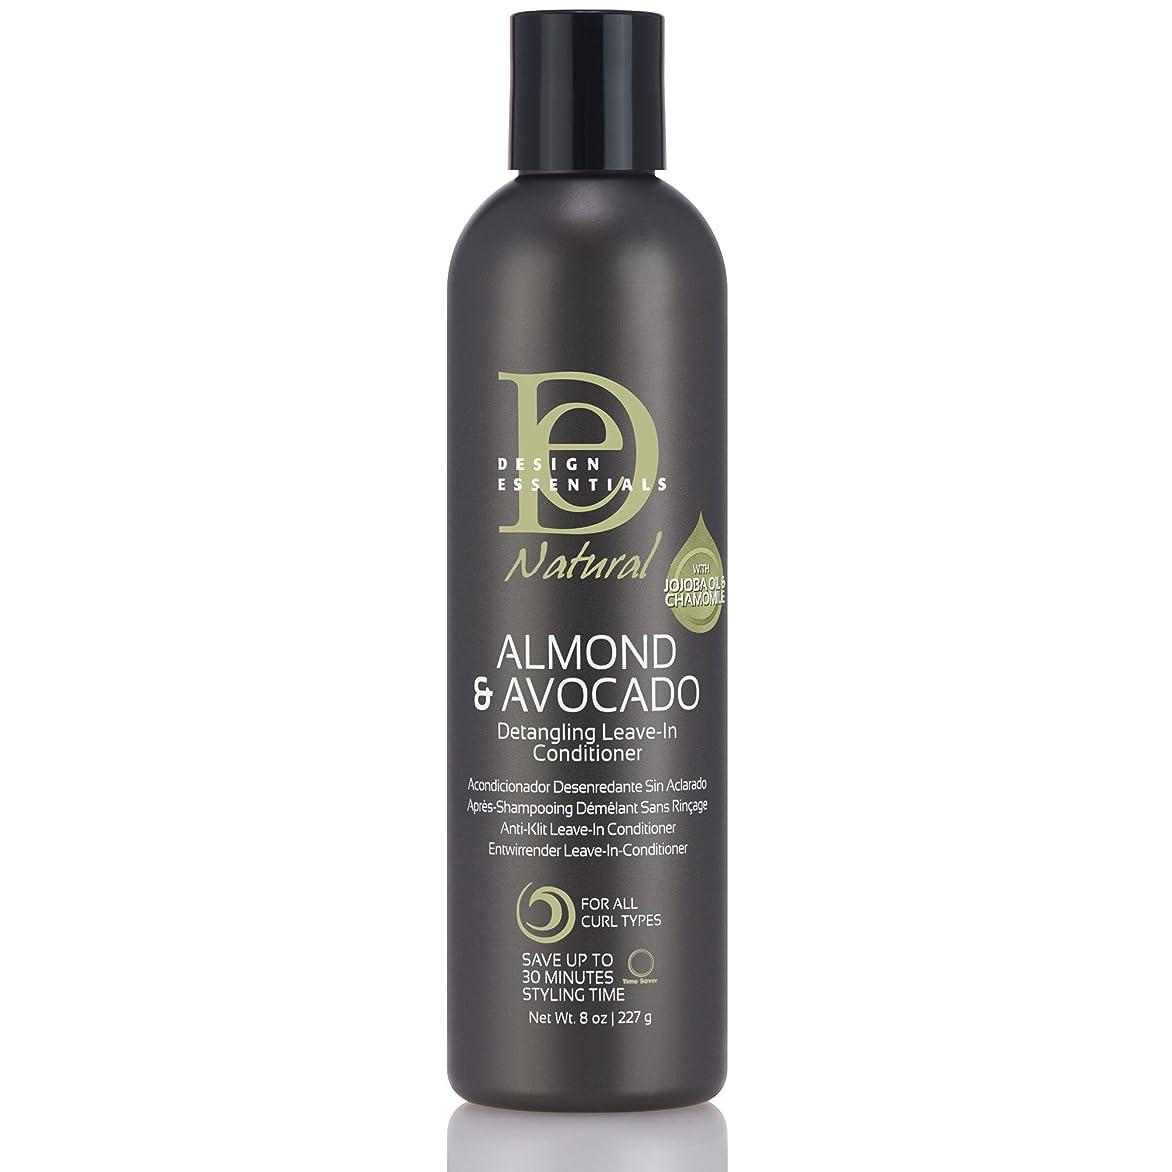 寛大さ浅い変わるDesign Essentials Natural Instant Detangling Leave-In Conditioner for Healthy, Moisturized, Luminous Frizz-Free Hair-Almond & Avocado Collection, 8oz.